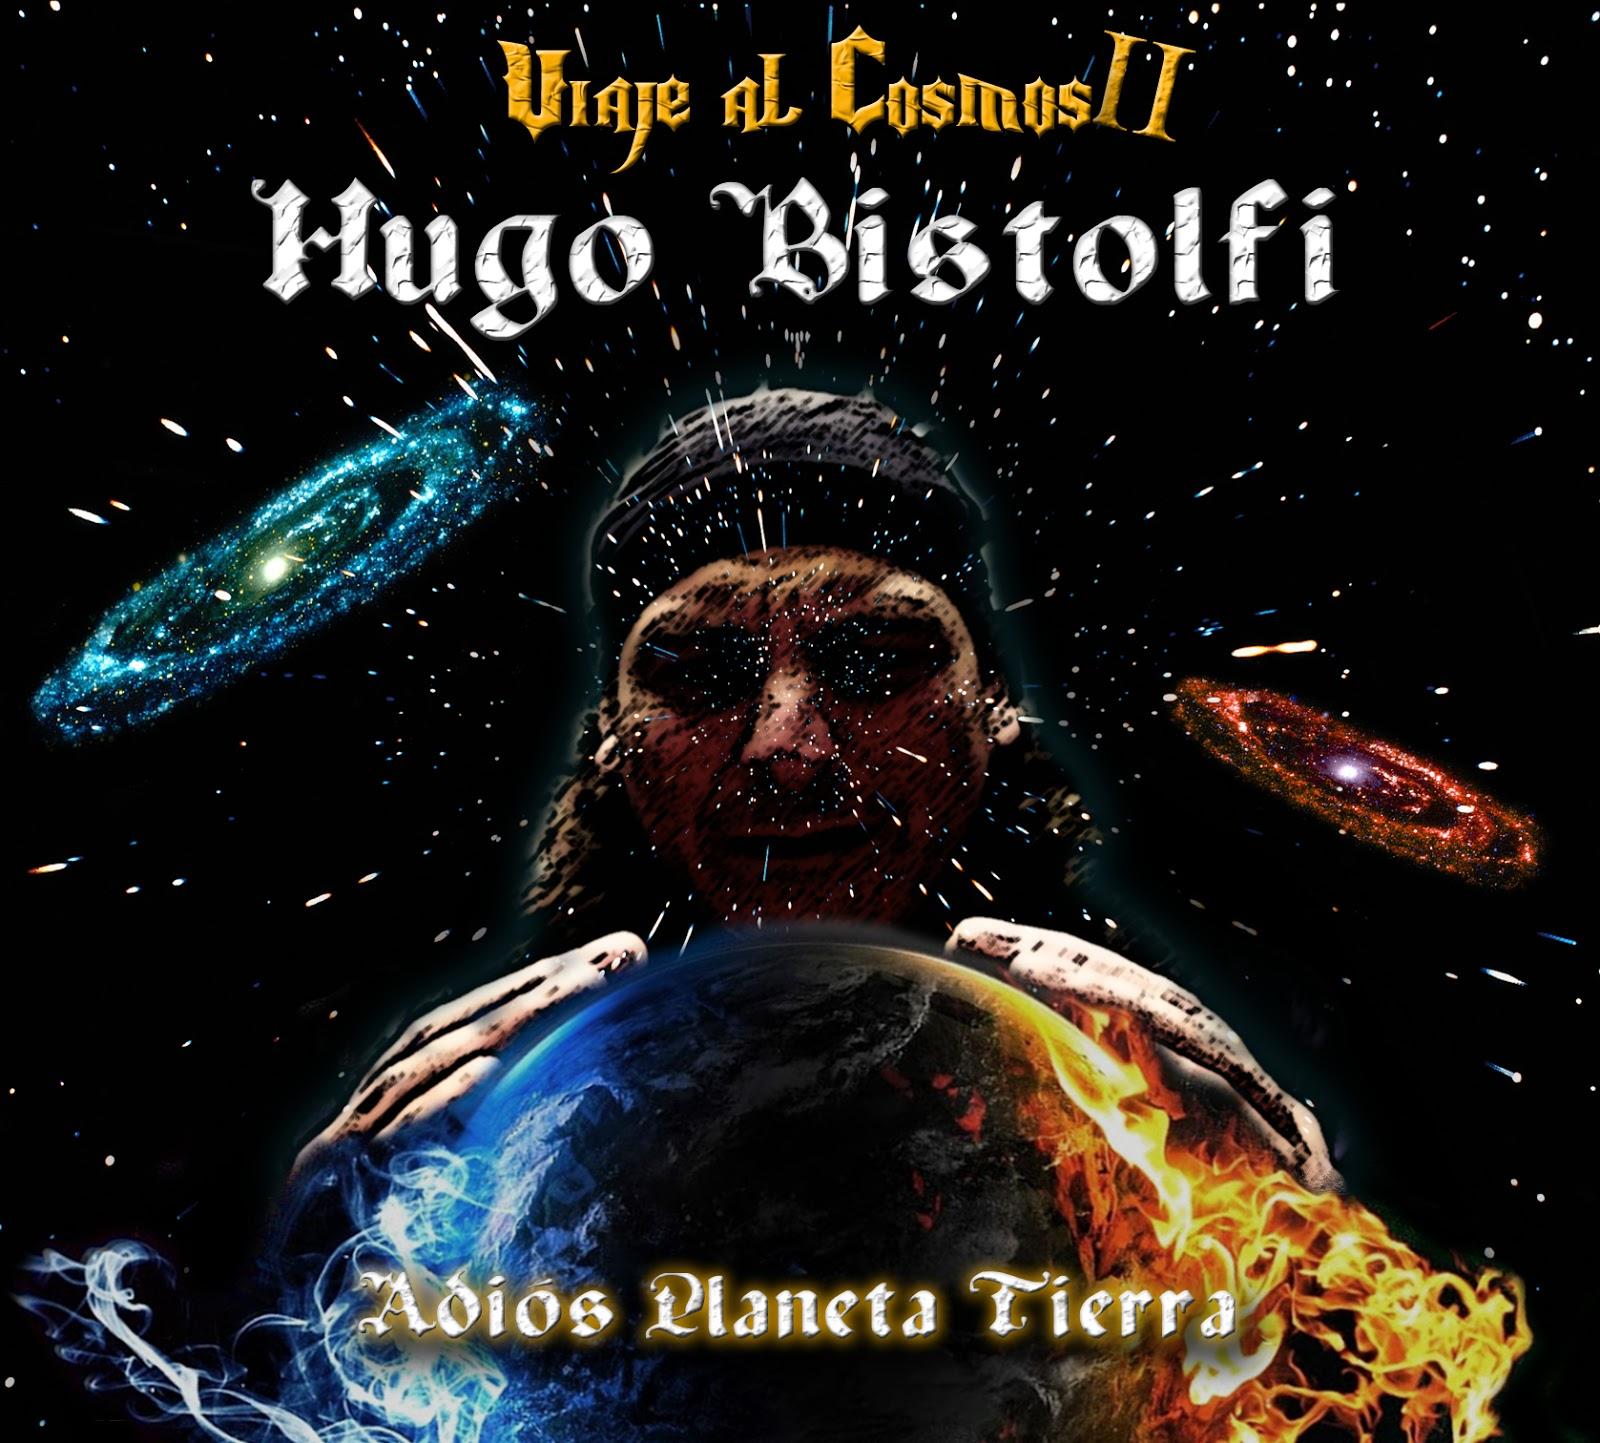 HUGO BISTOLFI NUEVO ÁLBUM VIAJE AL COSMOS II y ARTE DE TAPA - hugo-1